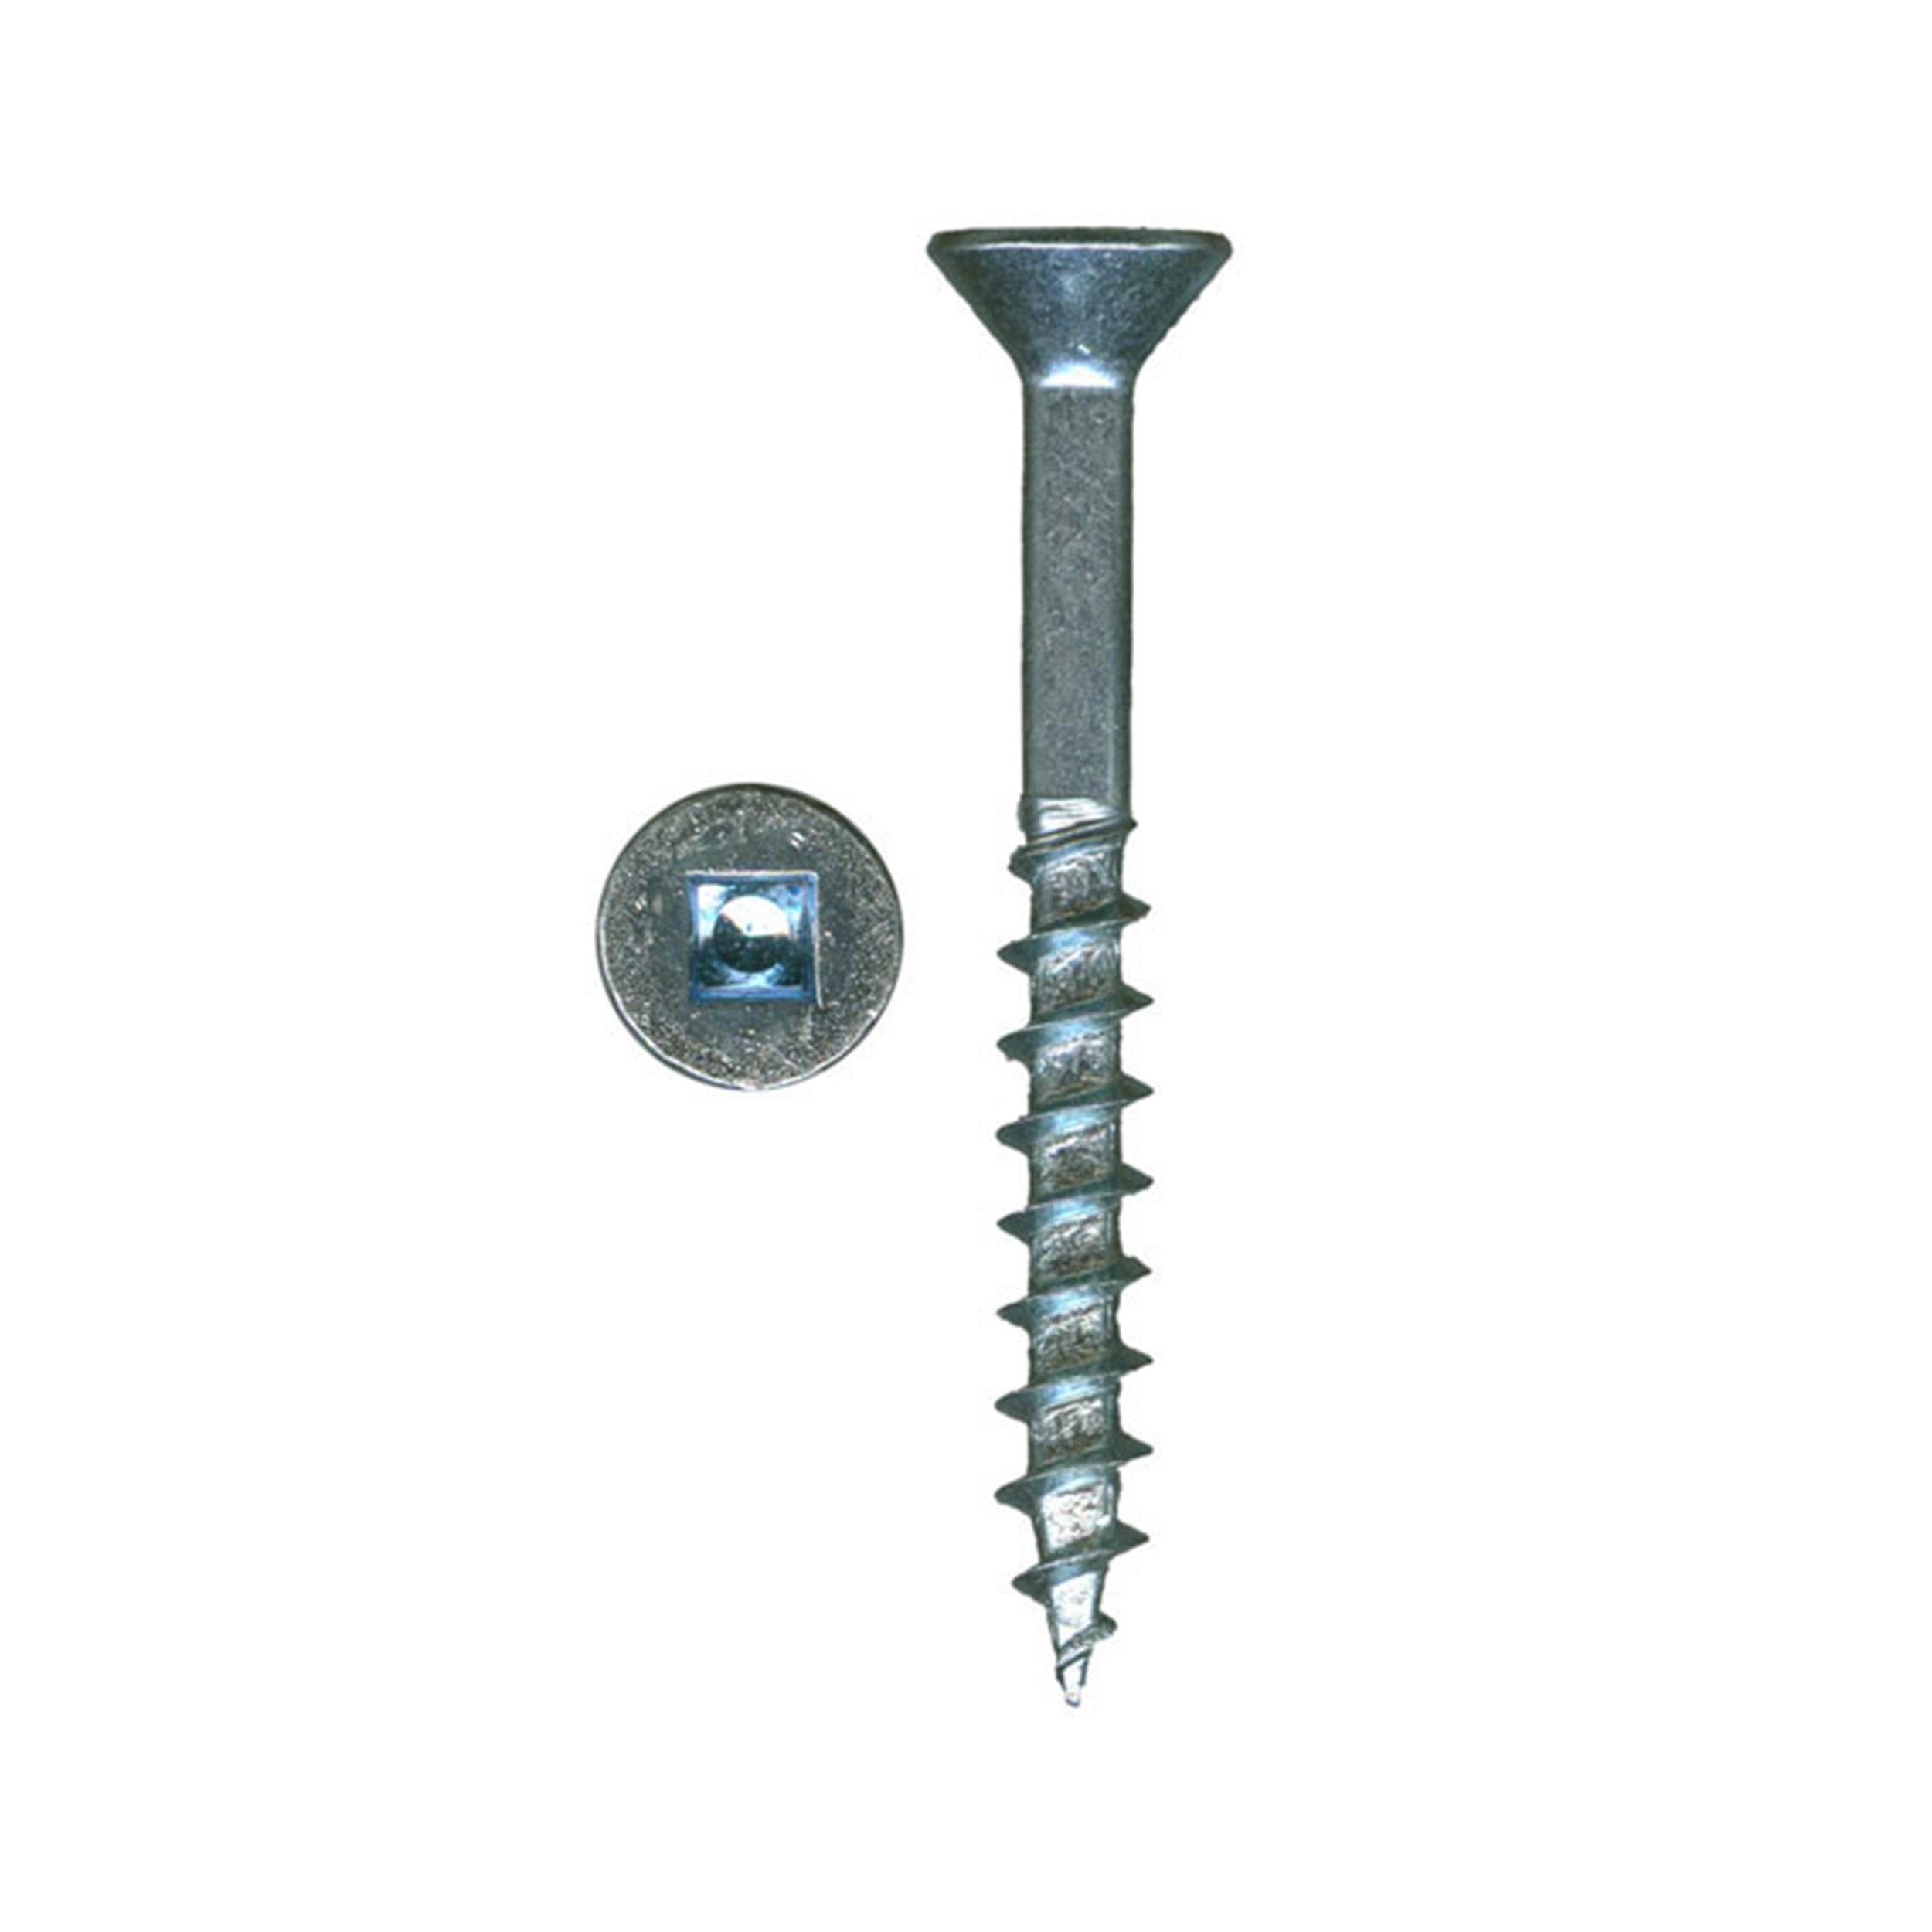 8 x 1 XT Square Drive Woodworking Screws, Flat Head, Clear Zinc, 100-Piece